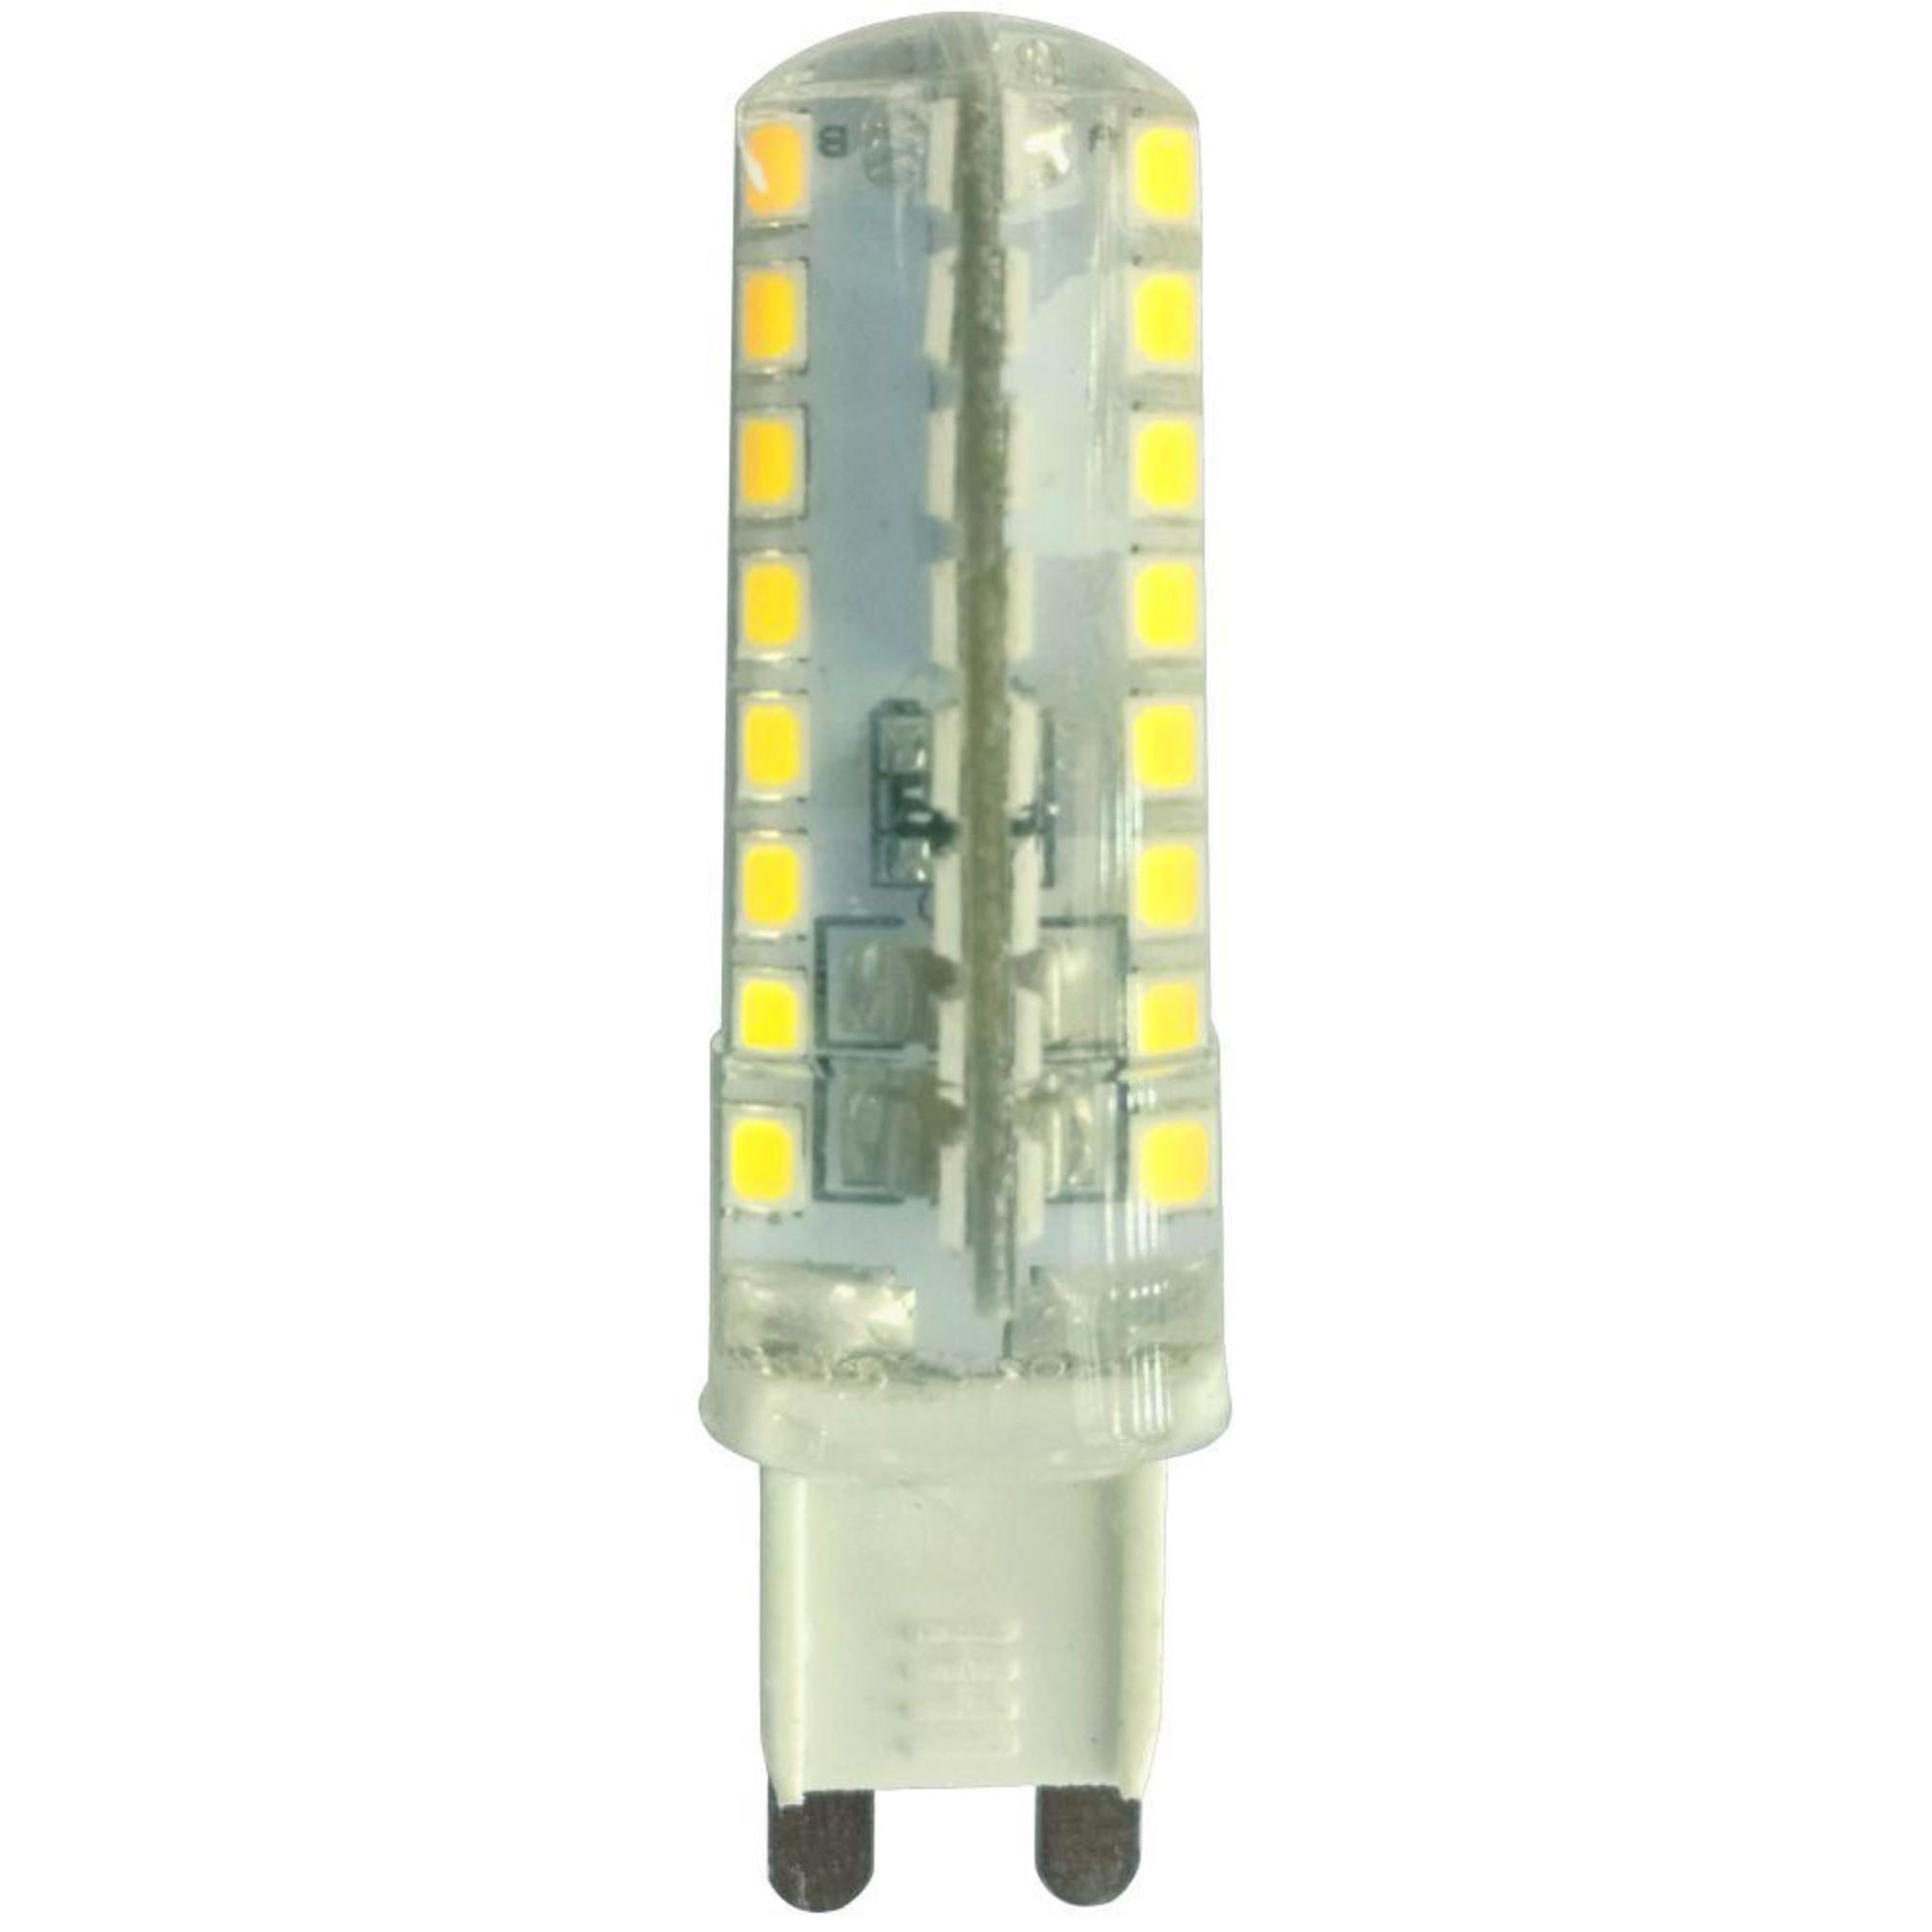 Лампа Ecola стандарт светодионая G9 5 Вт капсула 400 Лм теплый свет